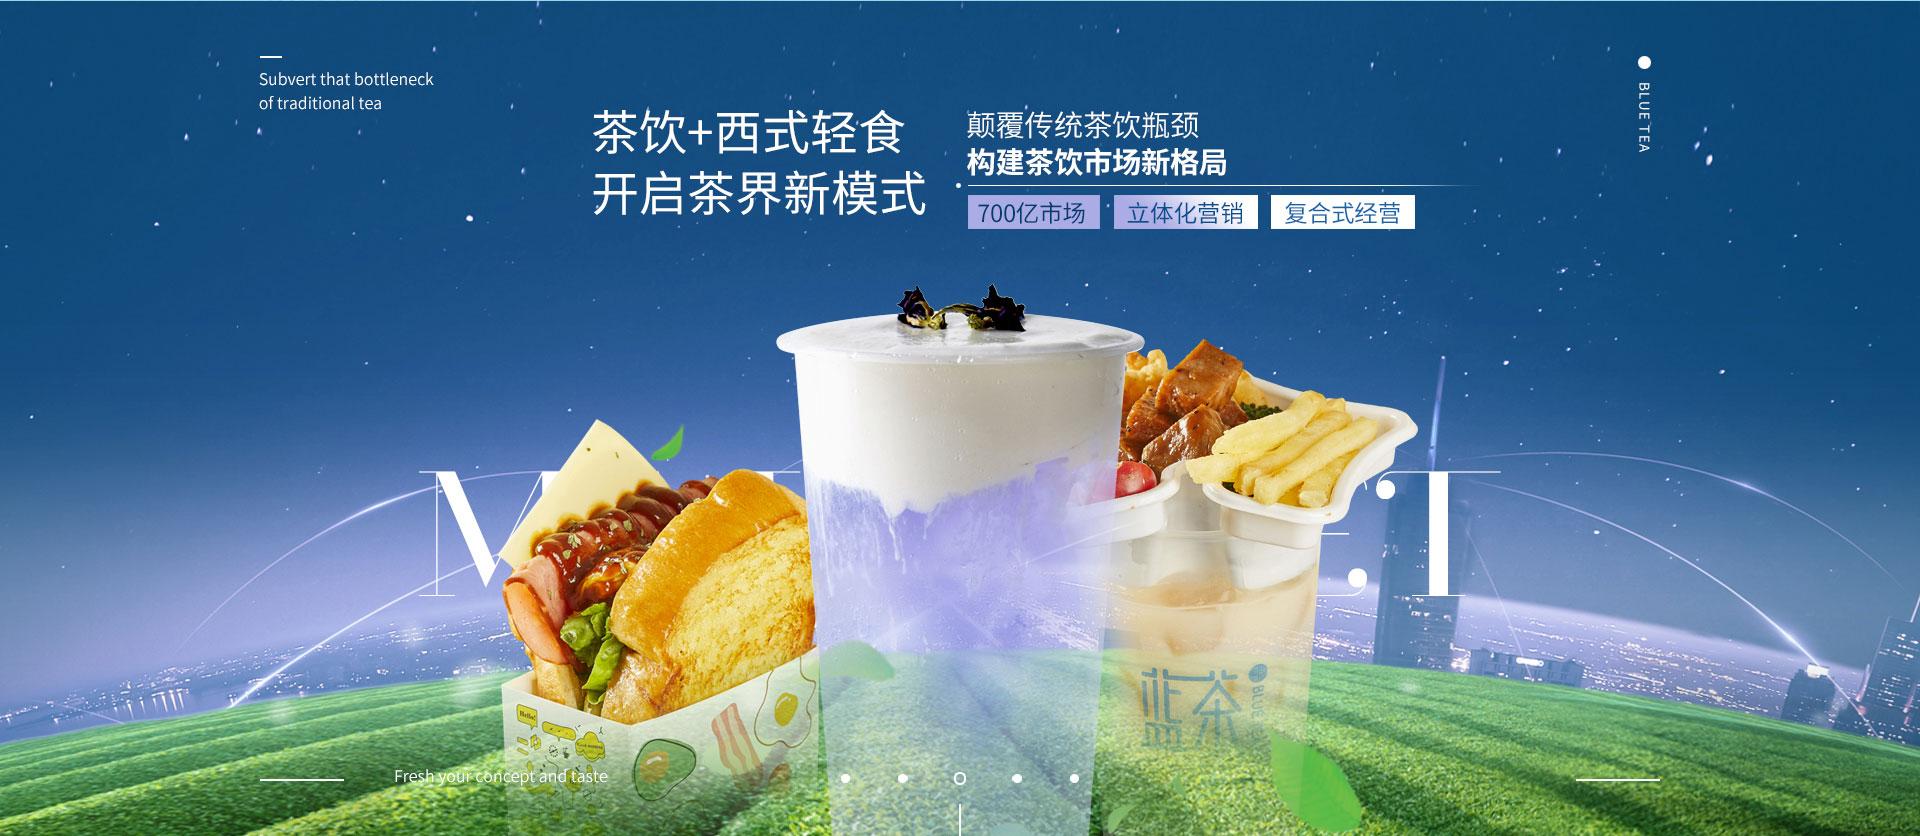 蓝茶市场_昌启餐饮奶茶加盟